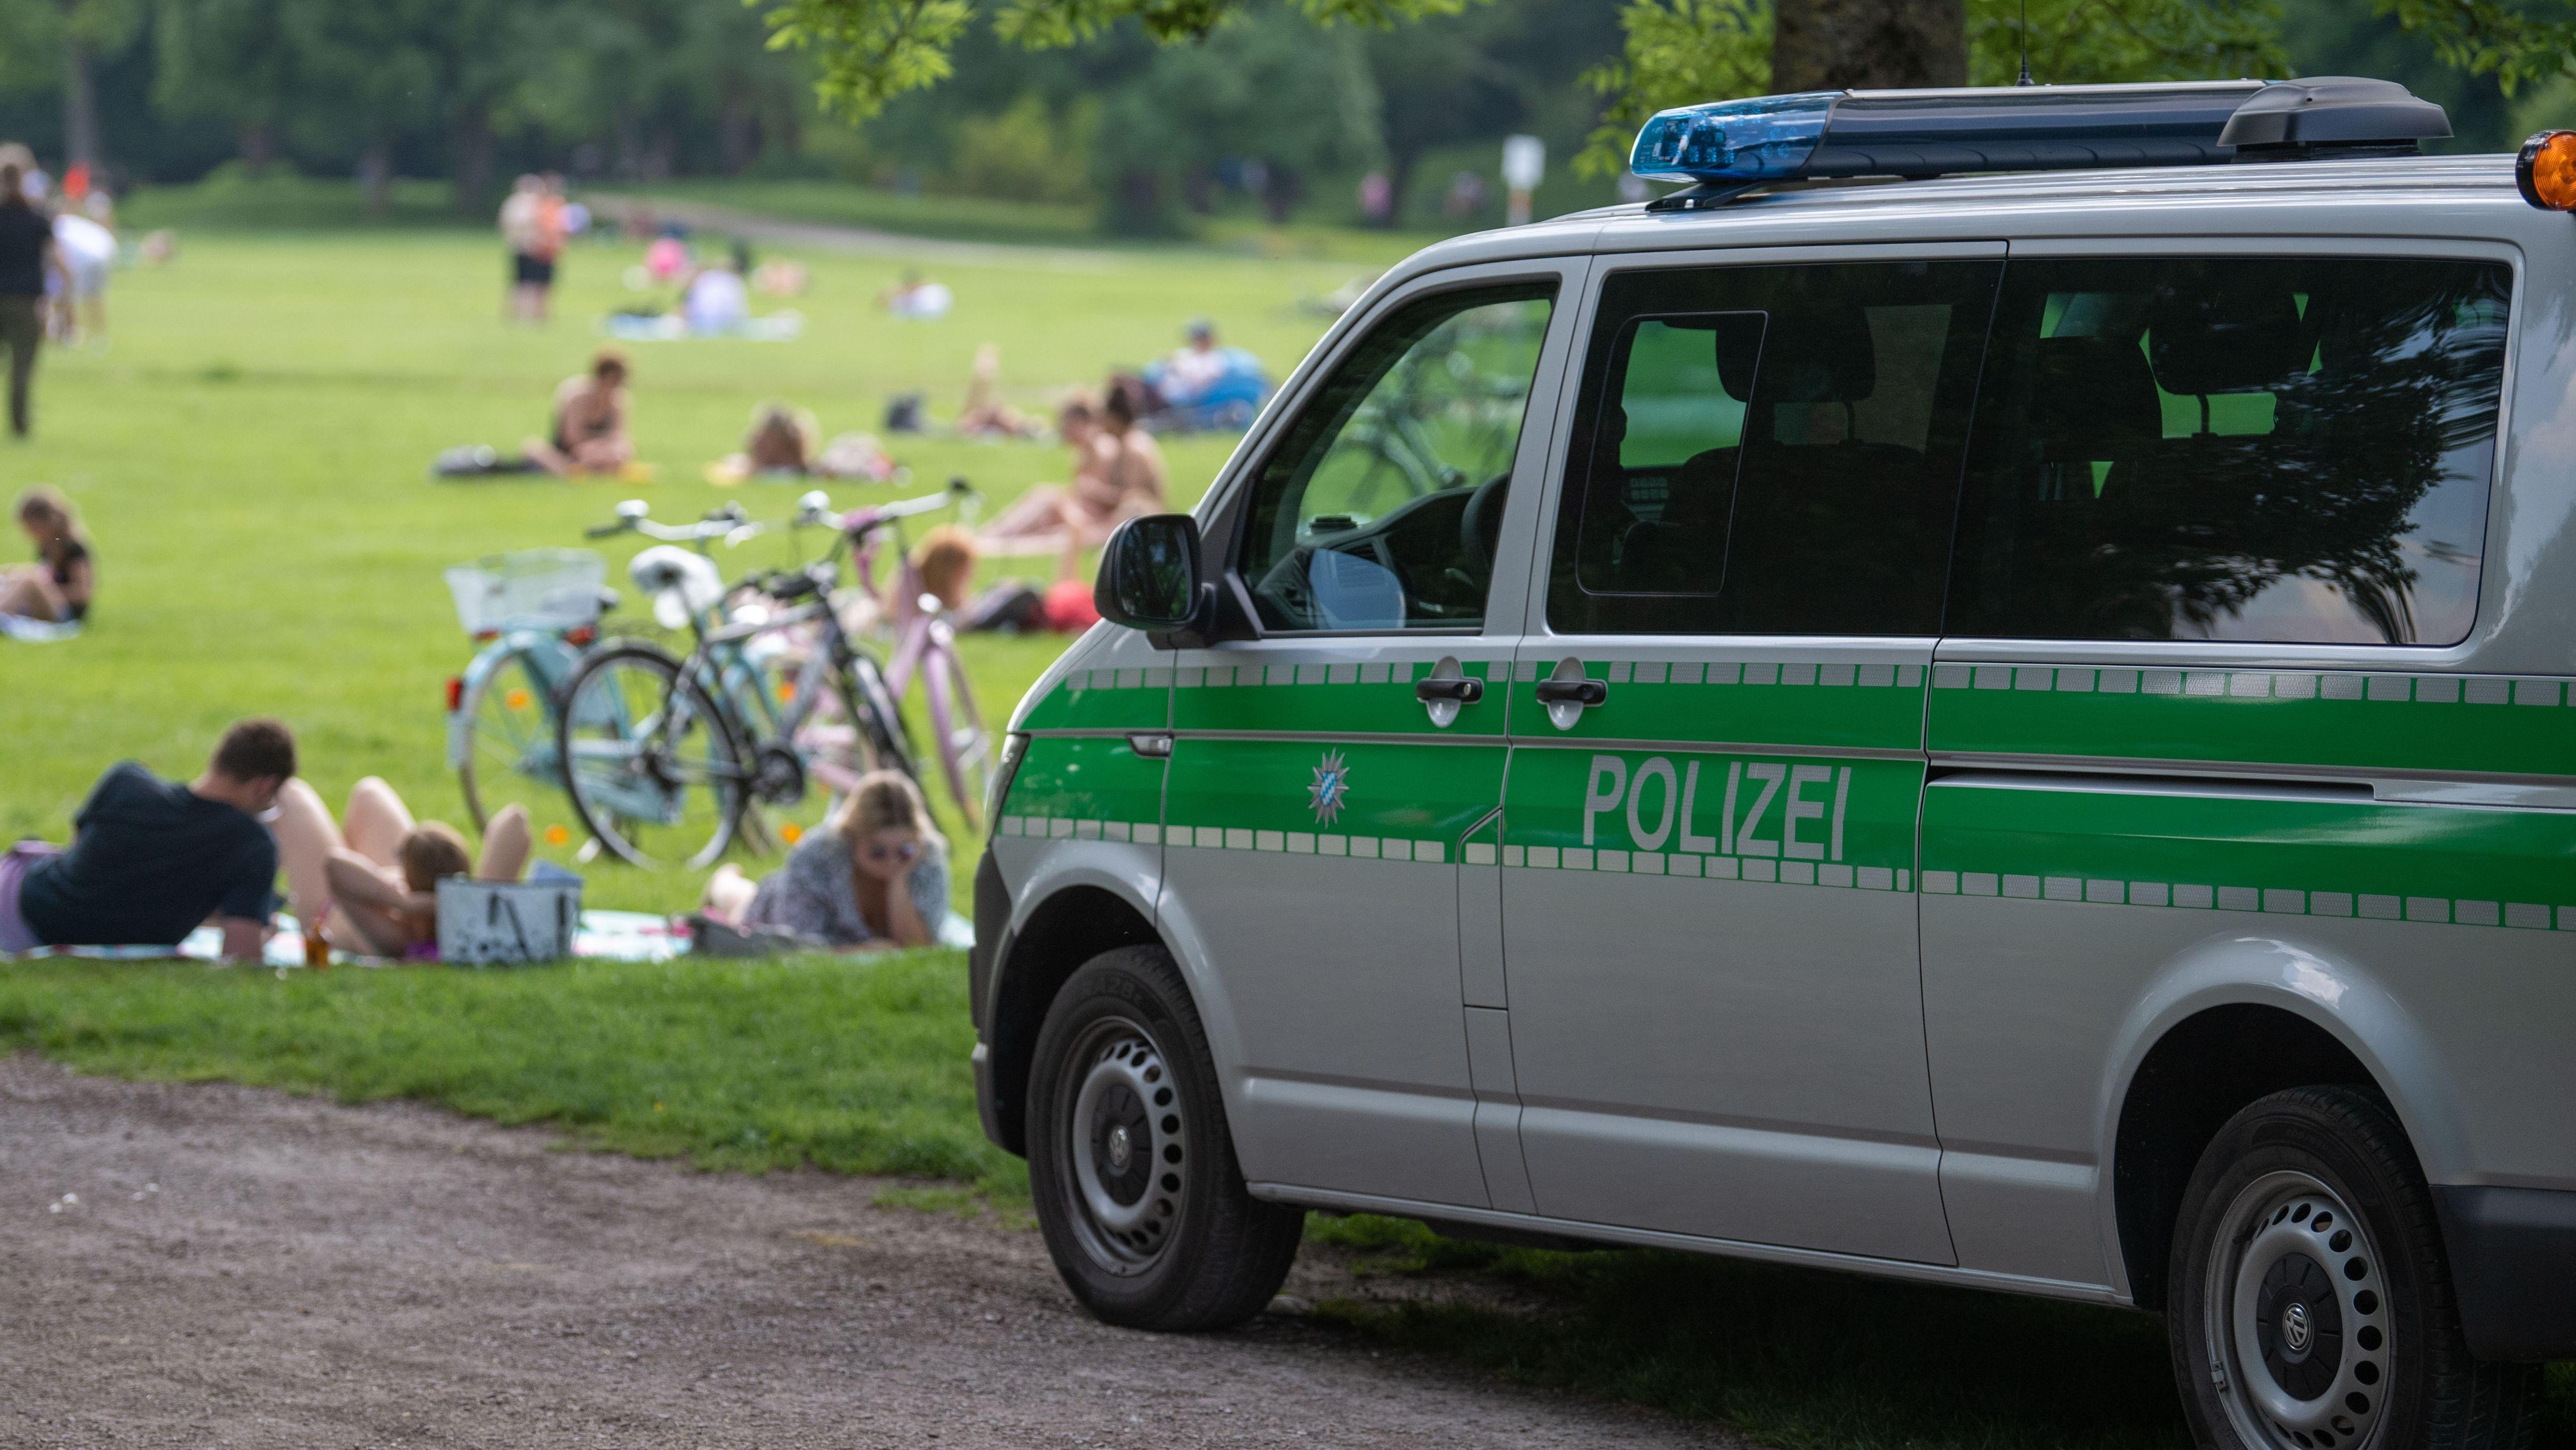 Polizeiwagen im Freien